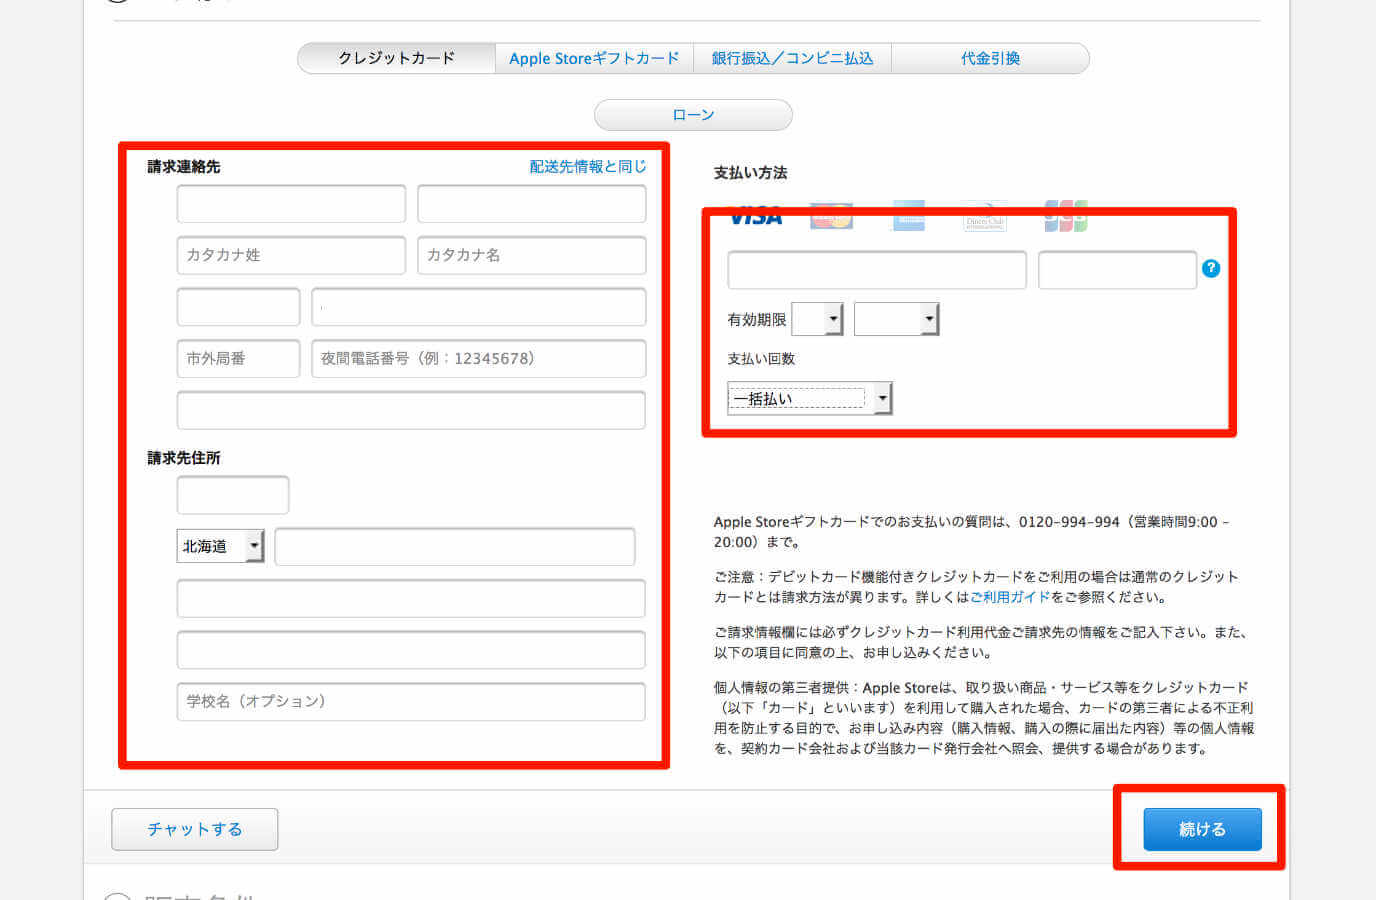 8.「請求先住所」、「請求先住所」、「支払い方法」をそれぞれ入力し「続ける」をクリックします